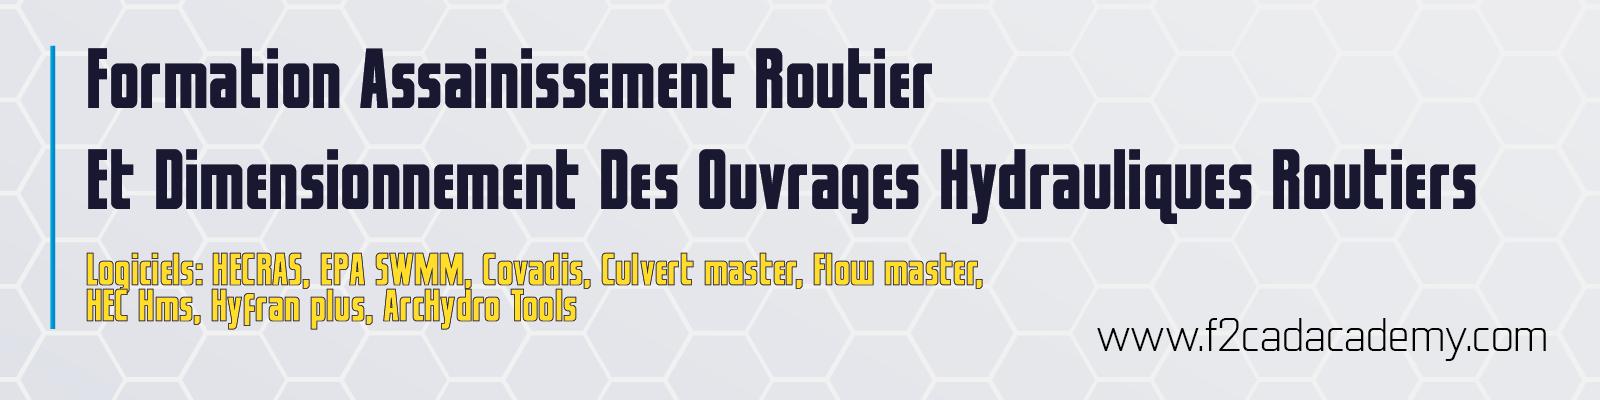 Formation Assainissement Routier Et Dimensionnement Des Ouvrages Hydrauliques Routiers